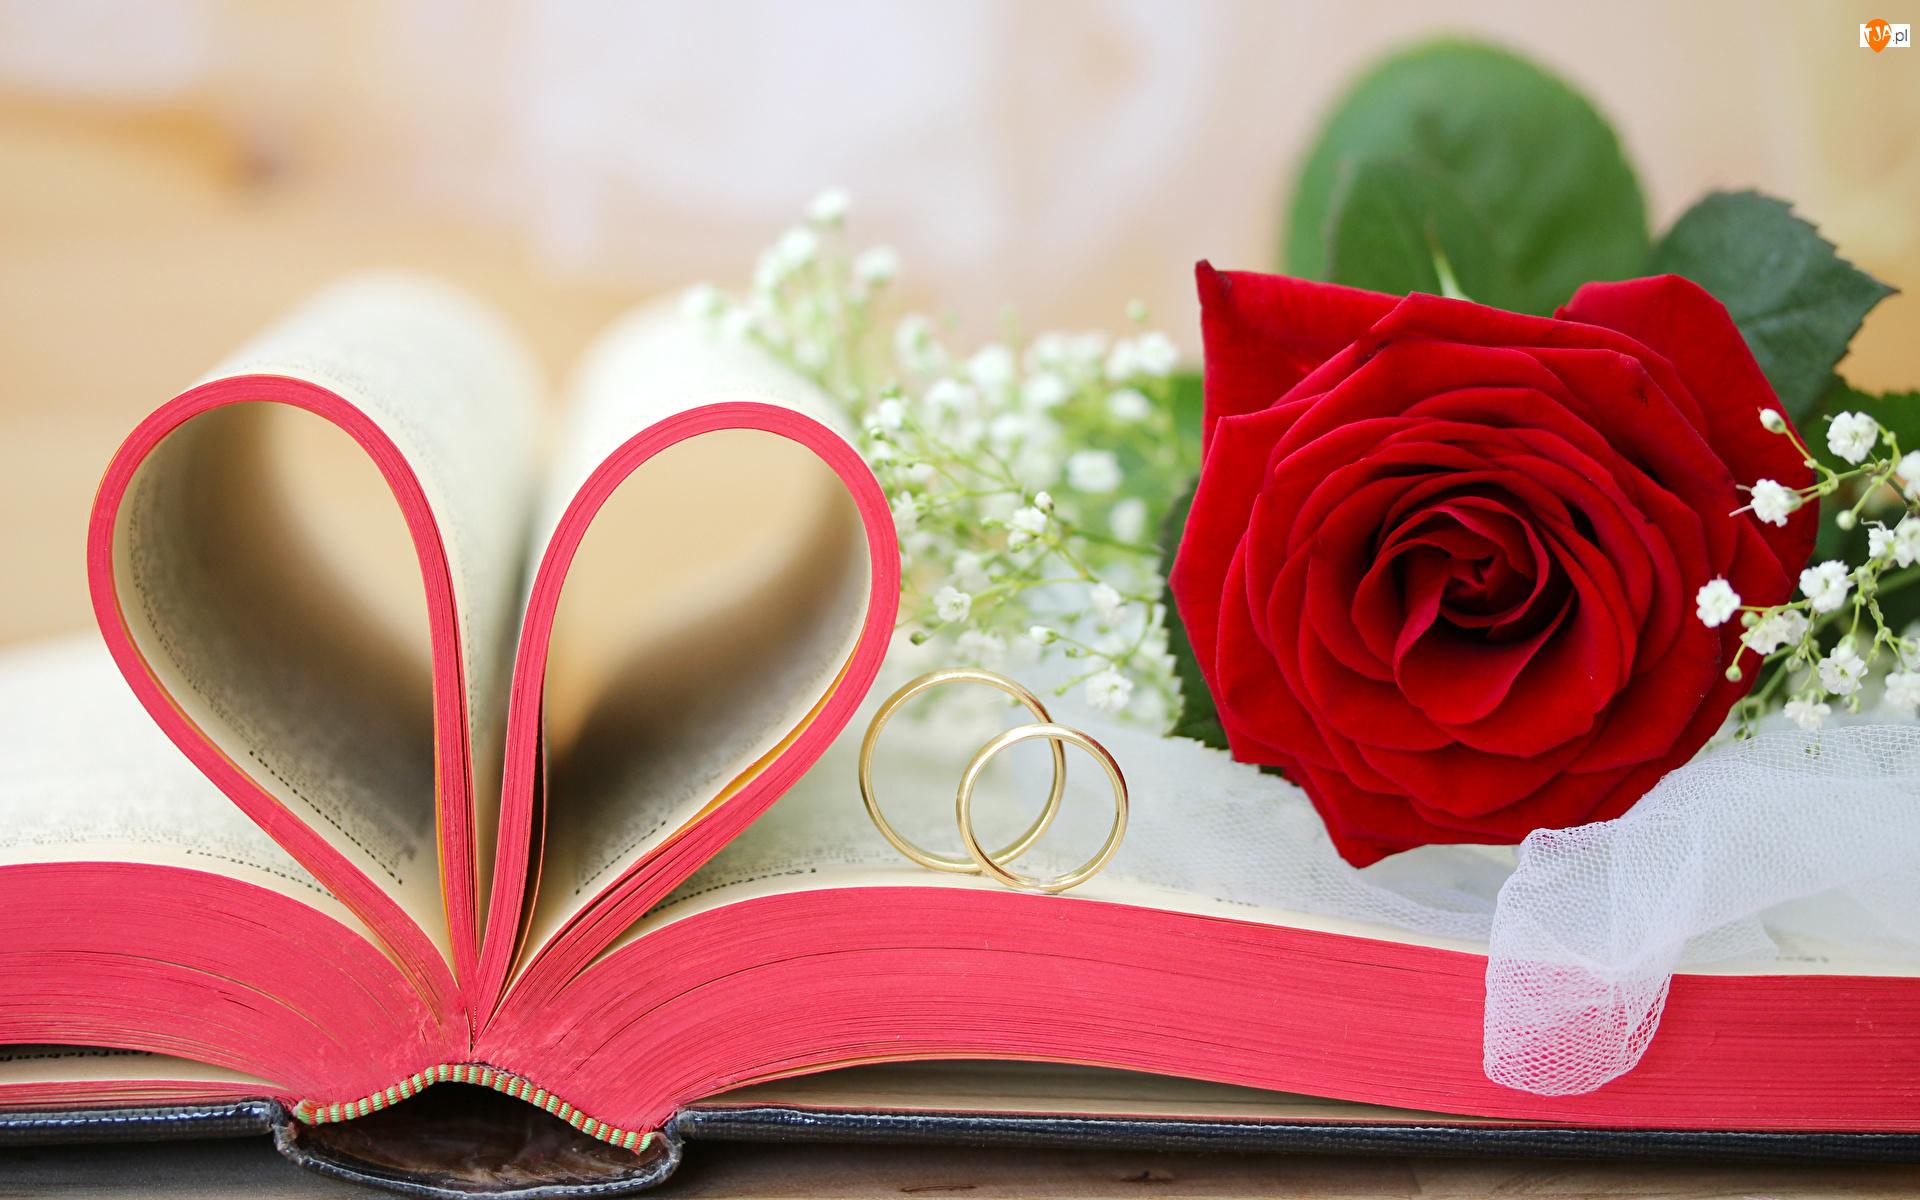 Ślub, Książka, Obrączki, Róża, Miłosne